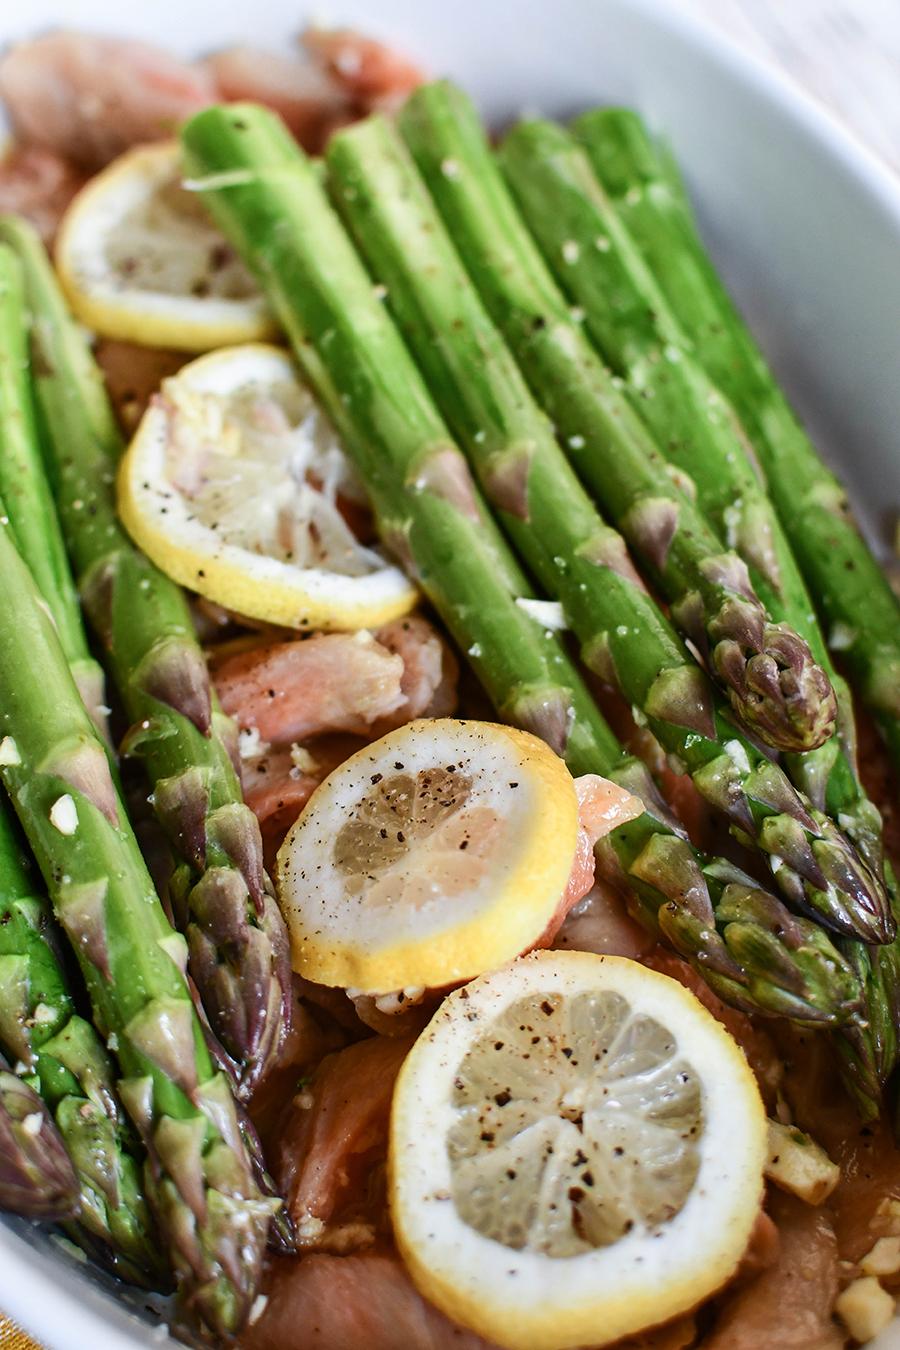 Lachs mit grünem Spargel aus dem Ofen